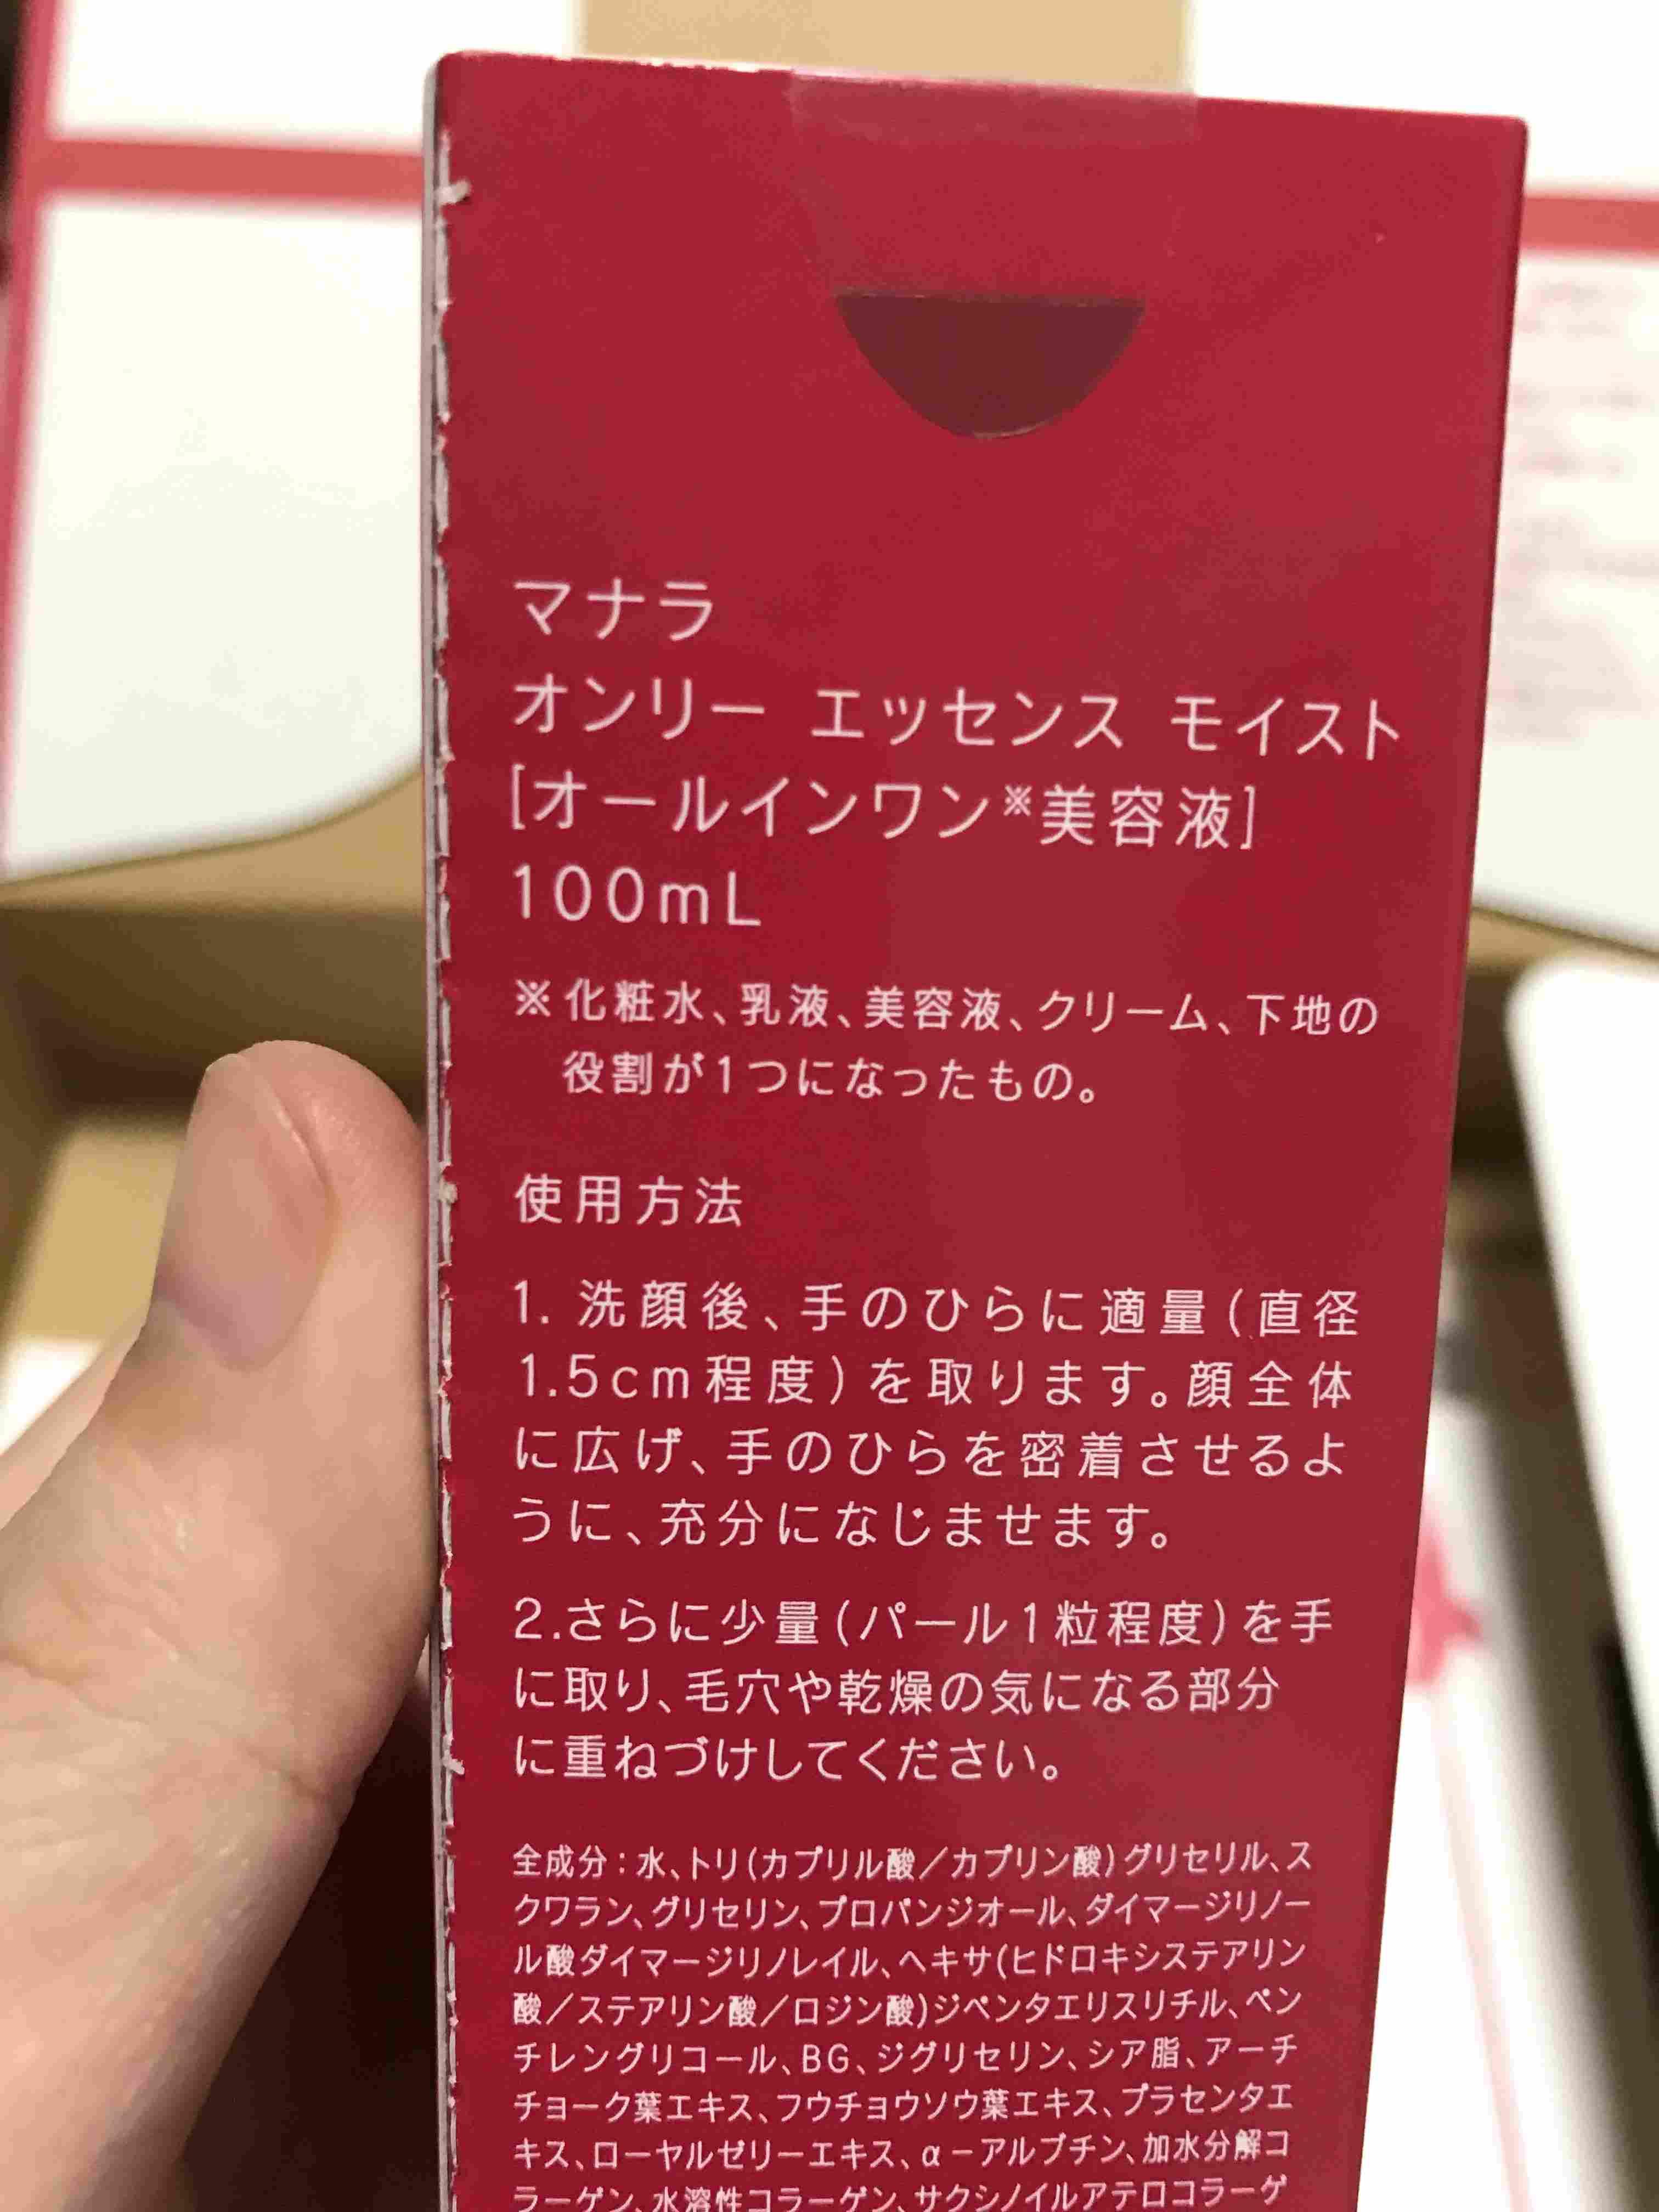 オンリーエッセンス モイストの箱の上の方に書いてある使い方